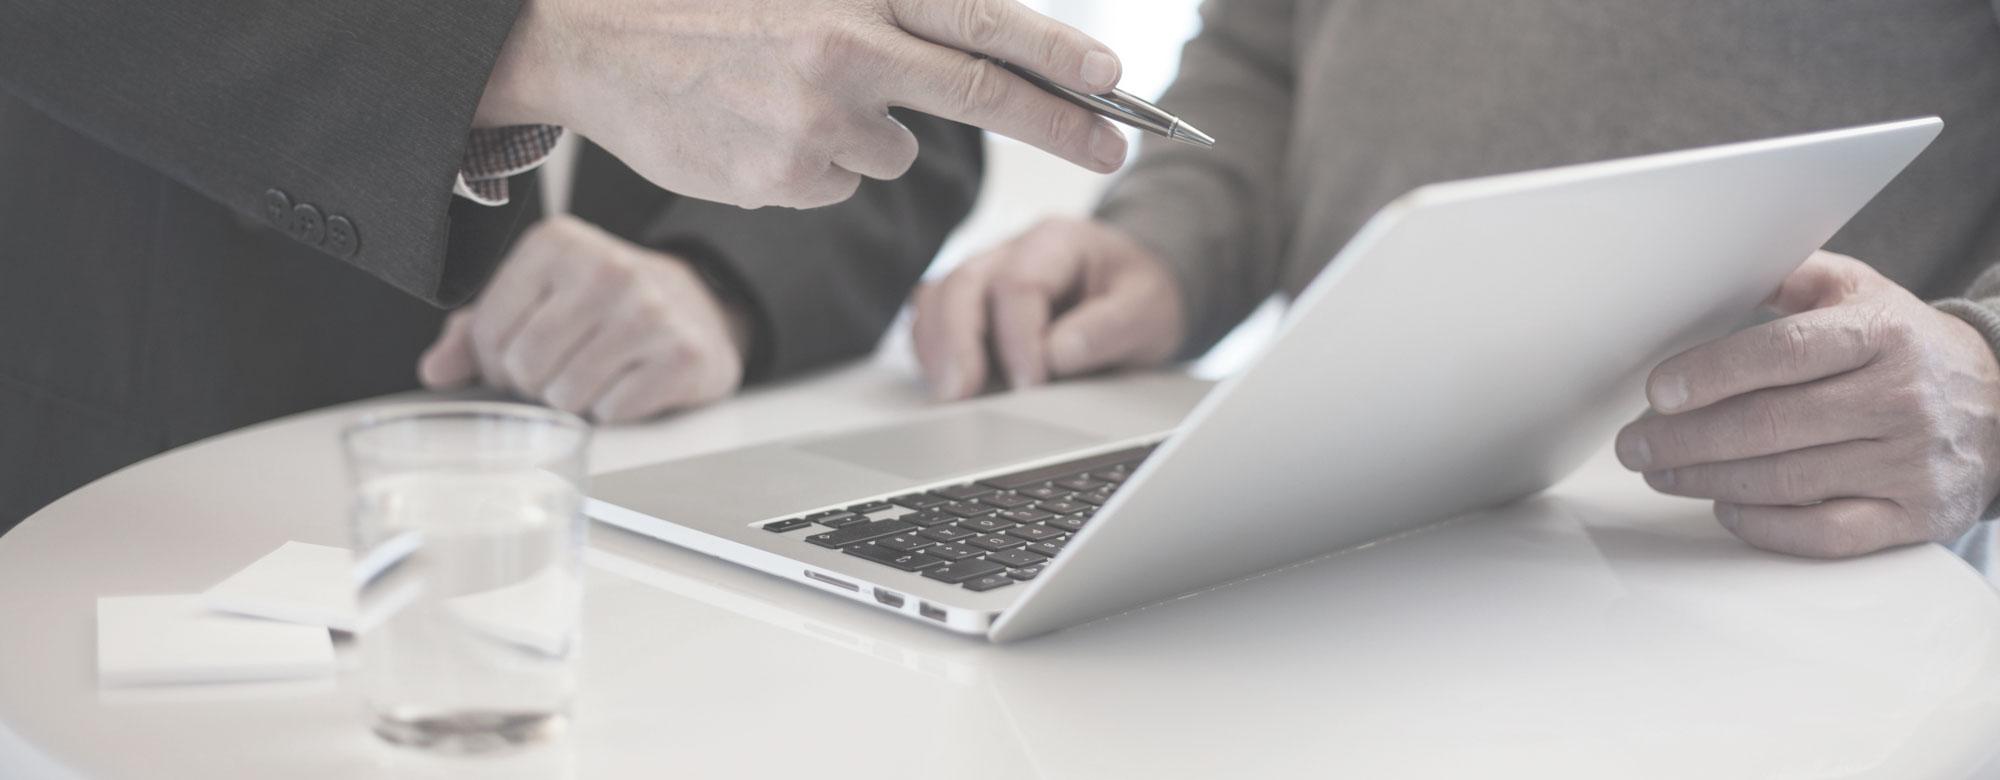 besprechung stehen am laptop